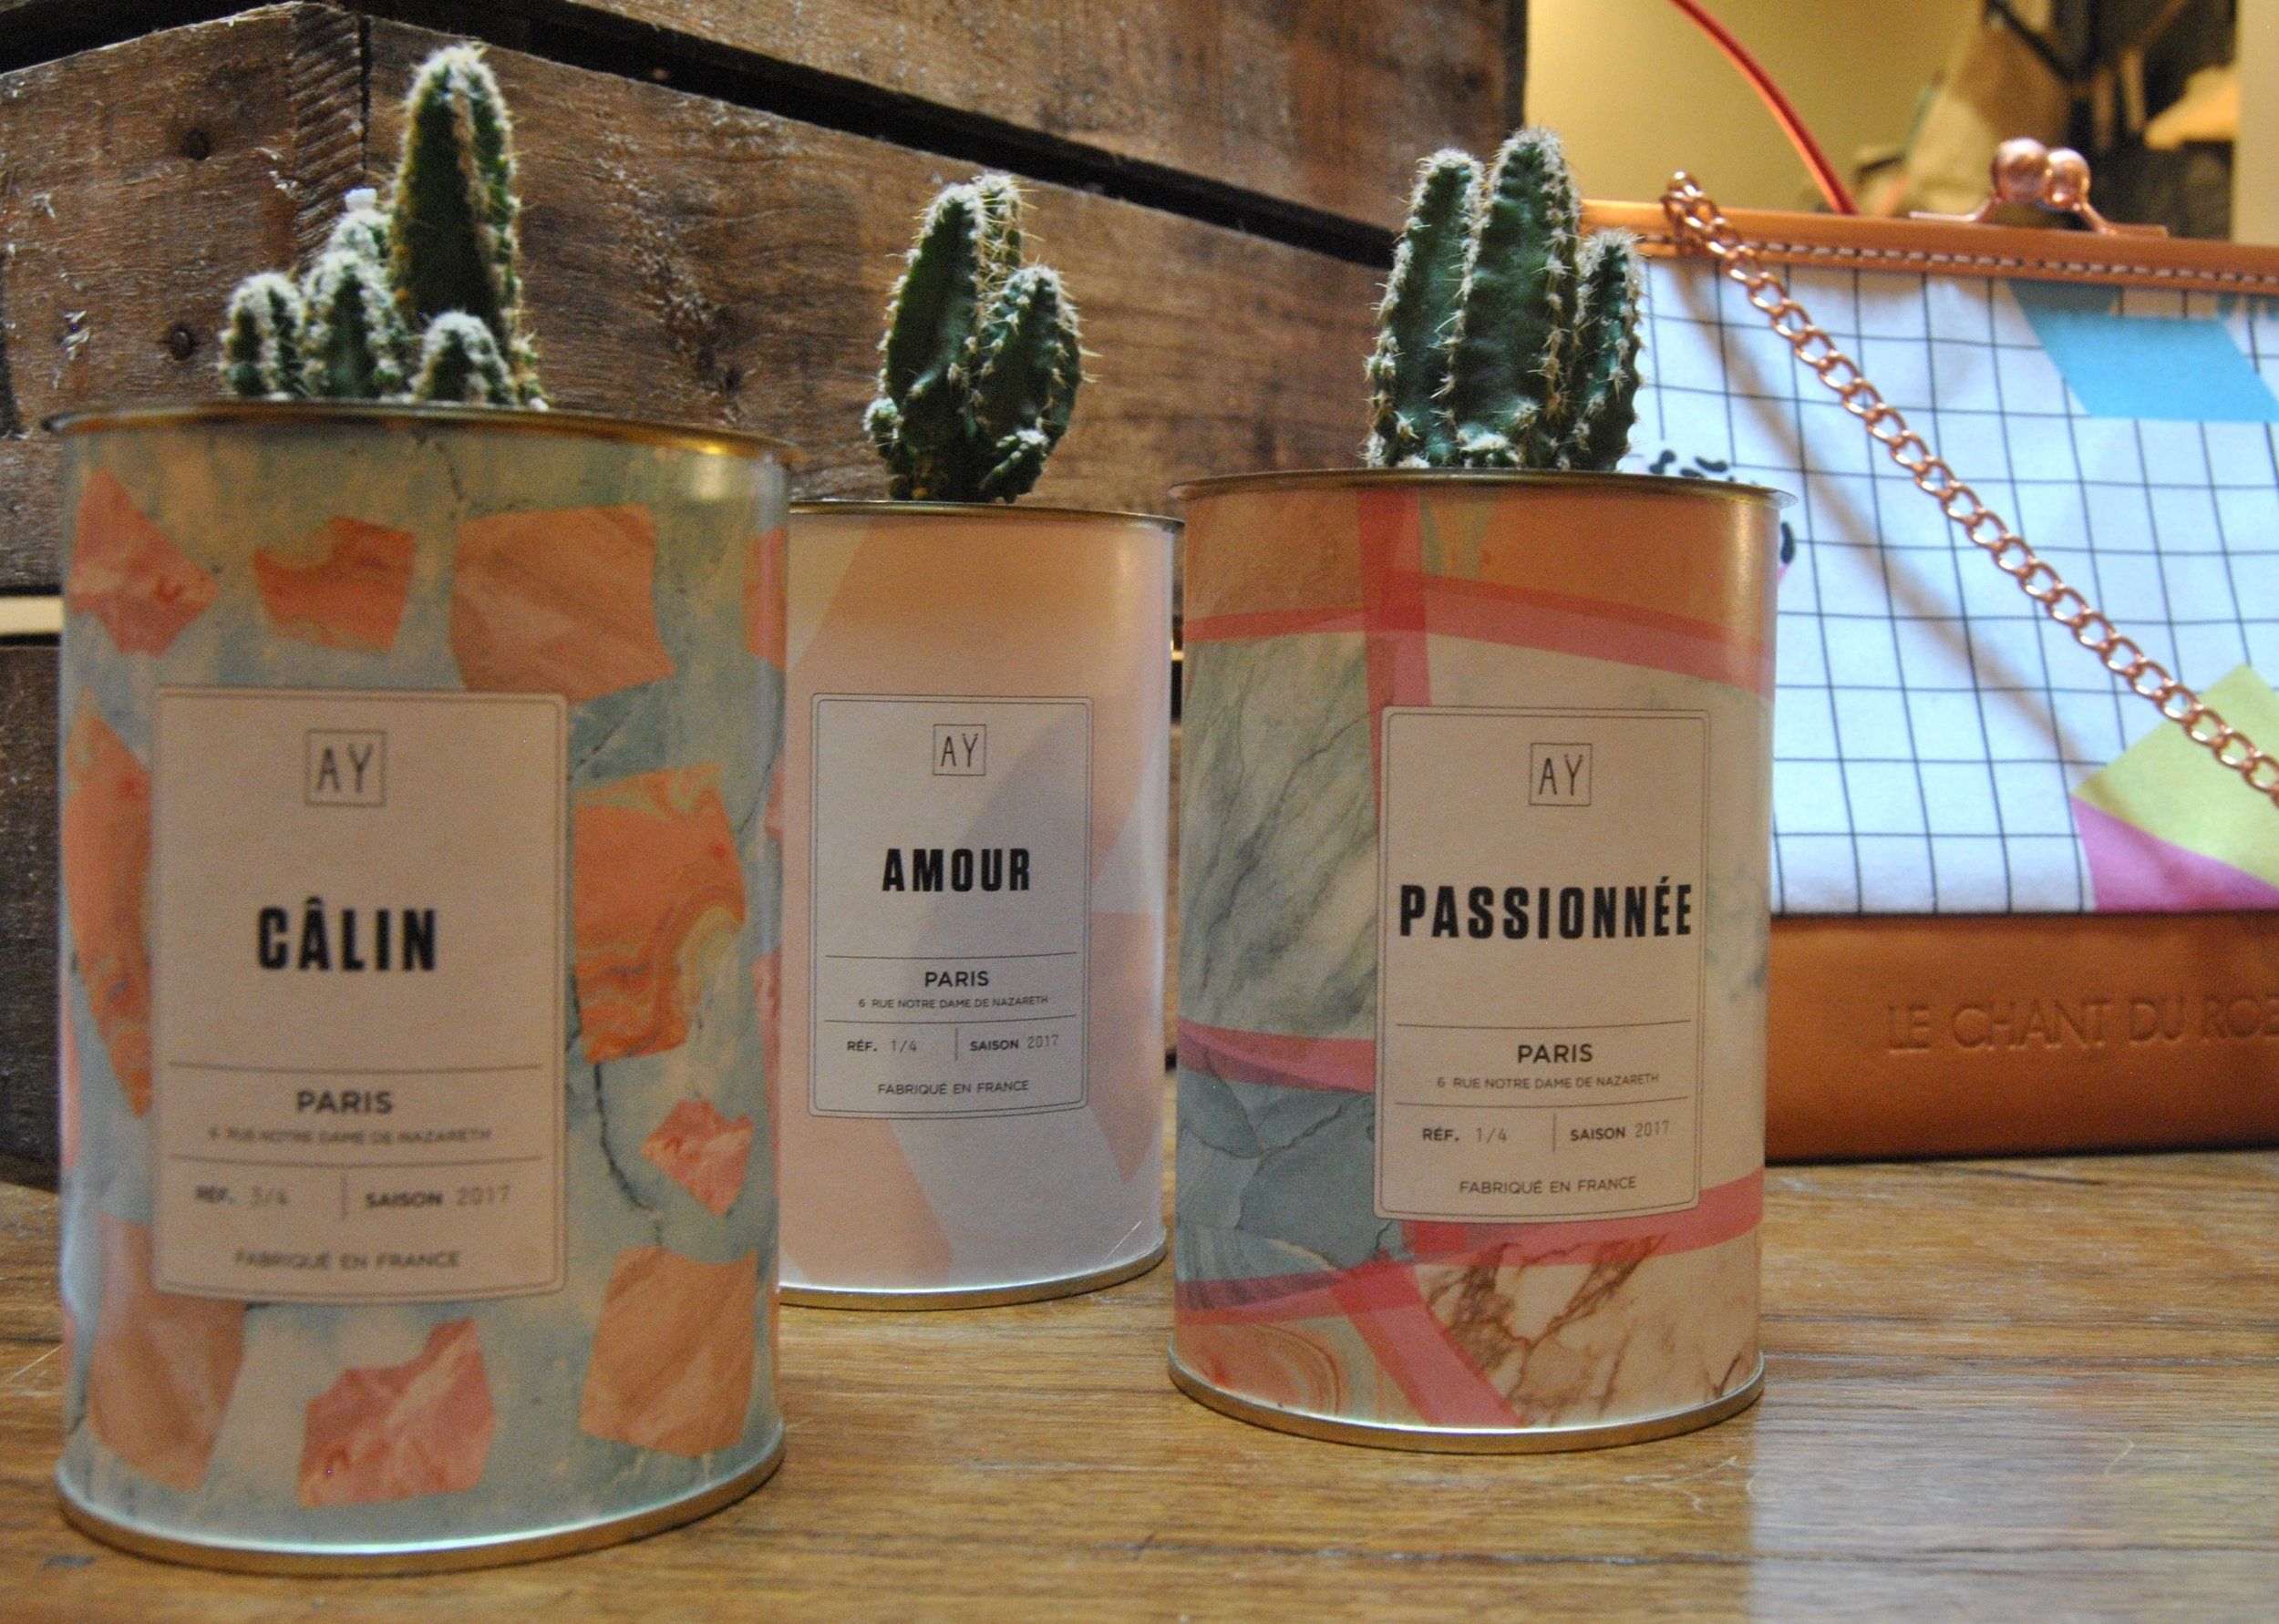 Tout droit débarqués de Paris, les AY Cactus sont le cadeau parfait pour les passionné(e)s de plantes et de déco.